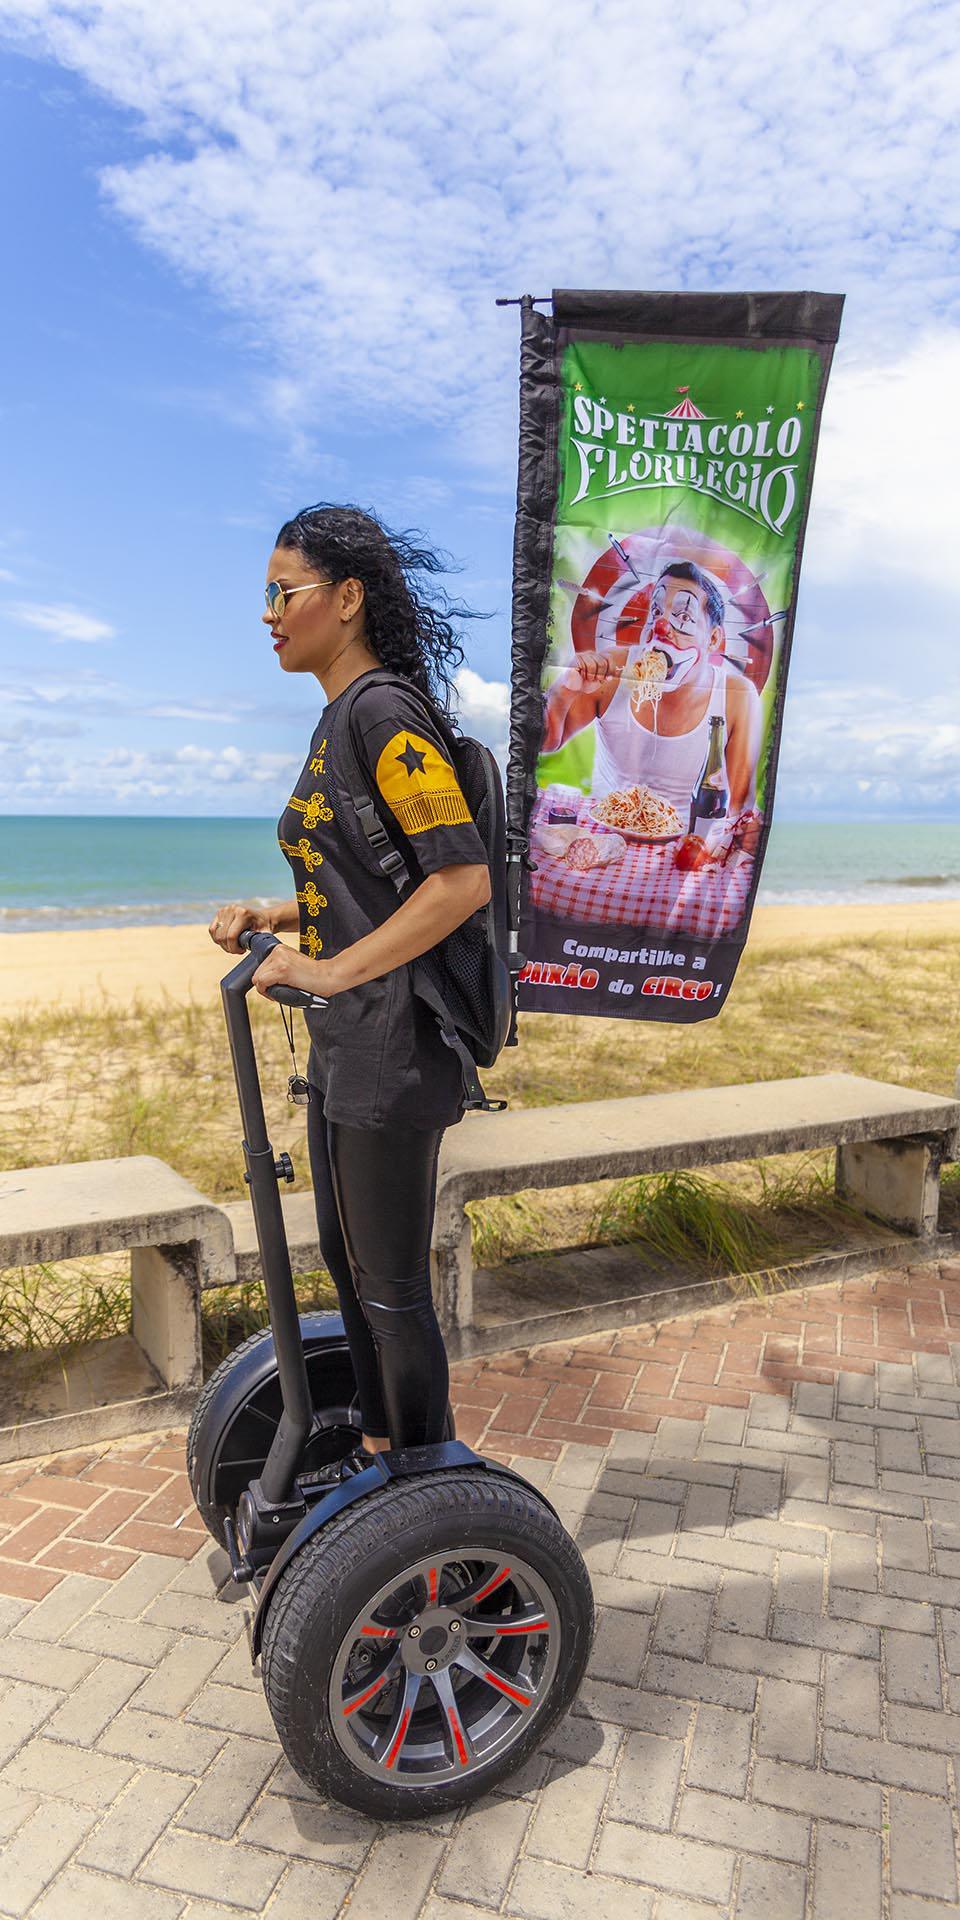 segway pubblicità spettacolo florilegio 2 5854